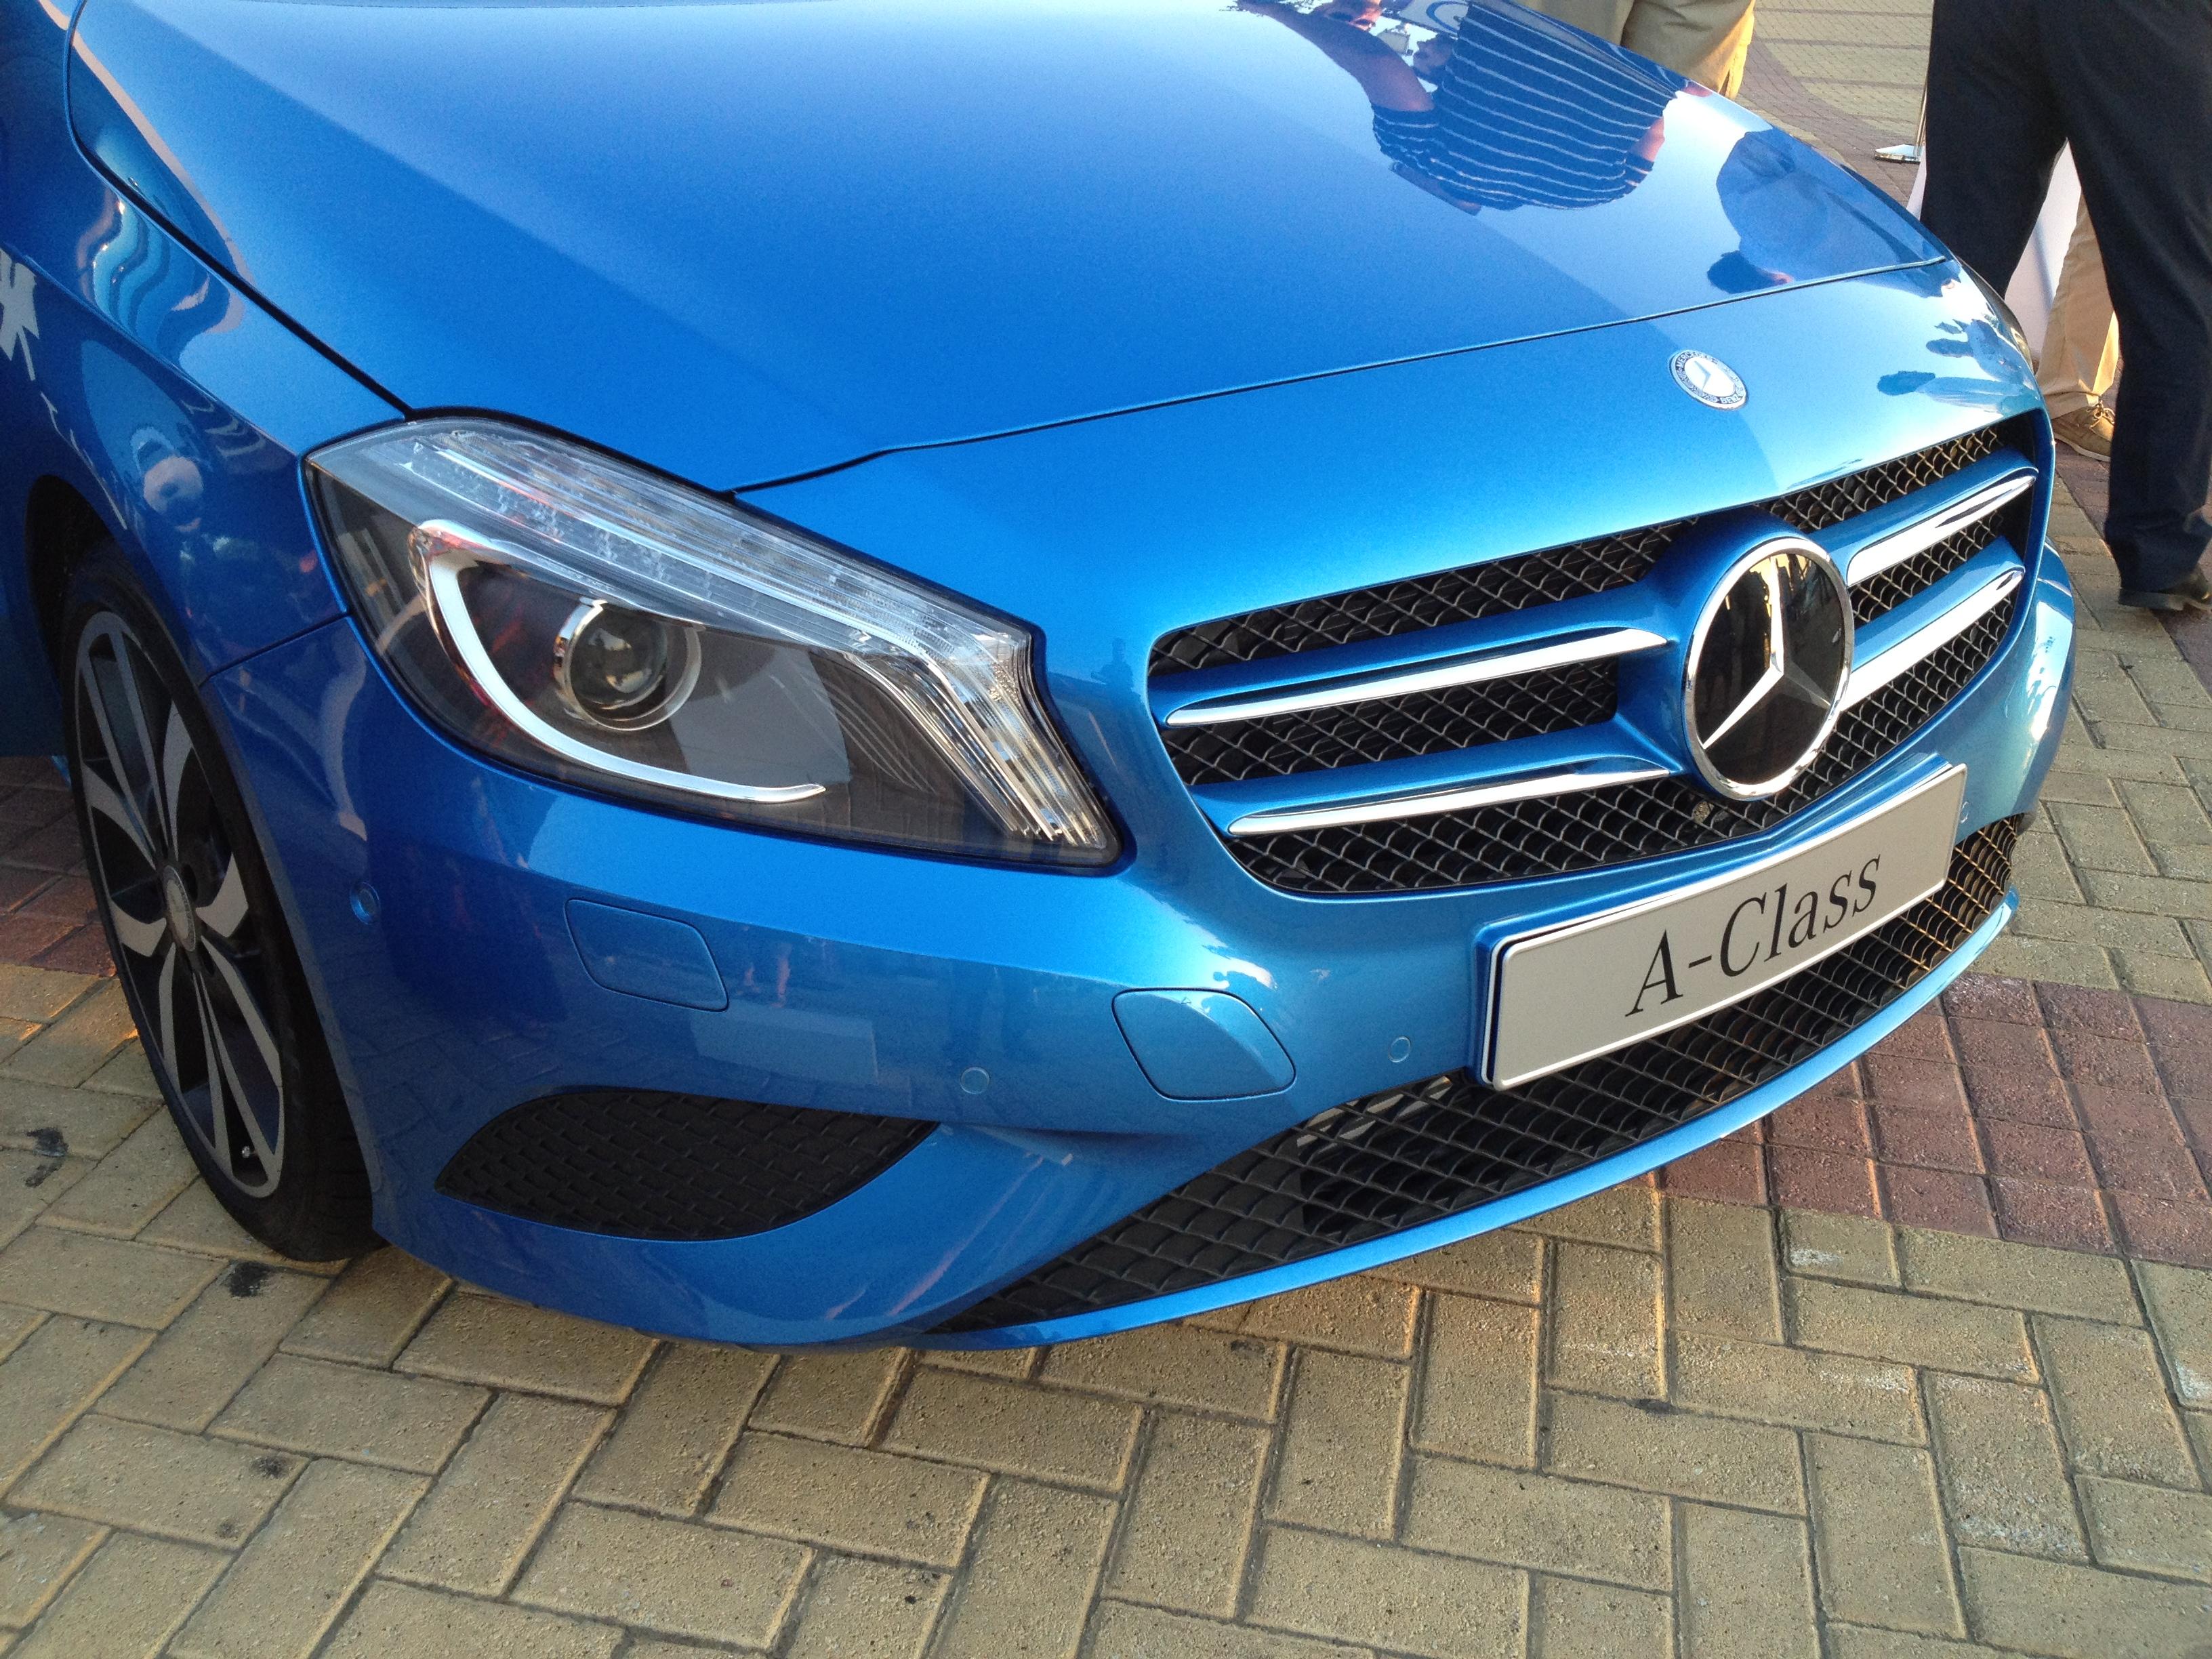 file 2012 blue mercedes a class w176 7661368894 jpg wikimedia